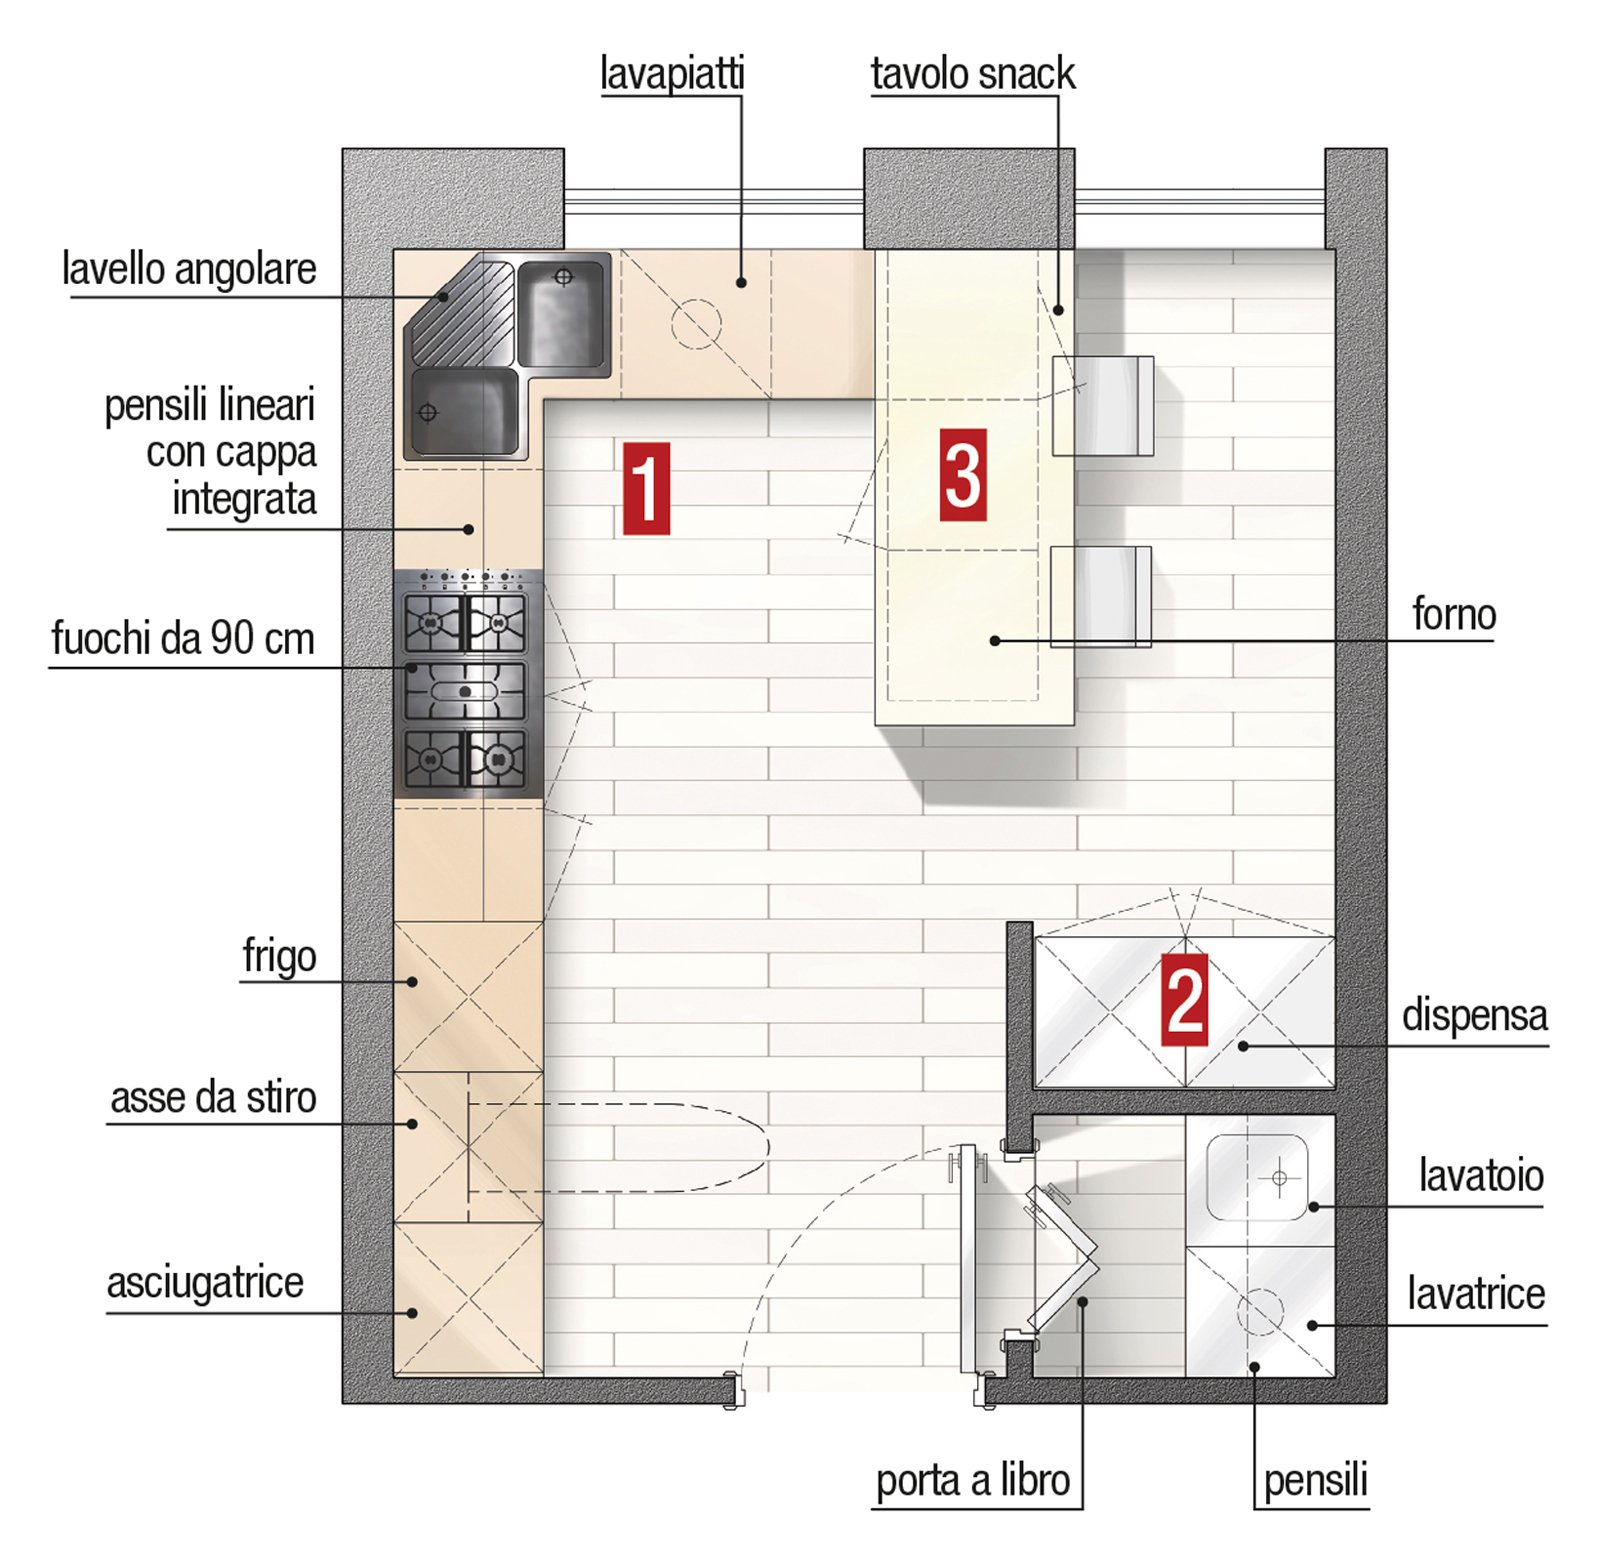 Casa moderna roma italy ikea bologna orari apertura for Casa moderna orari